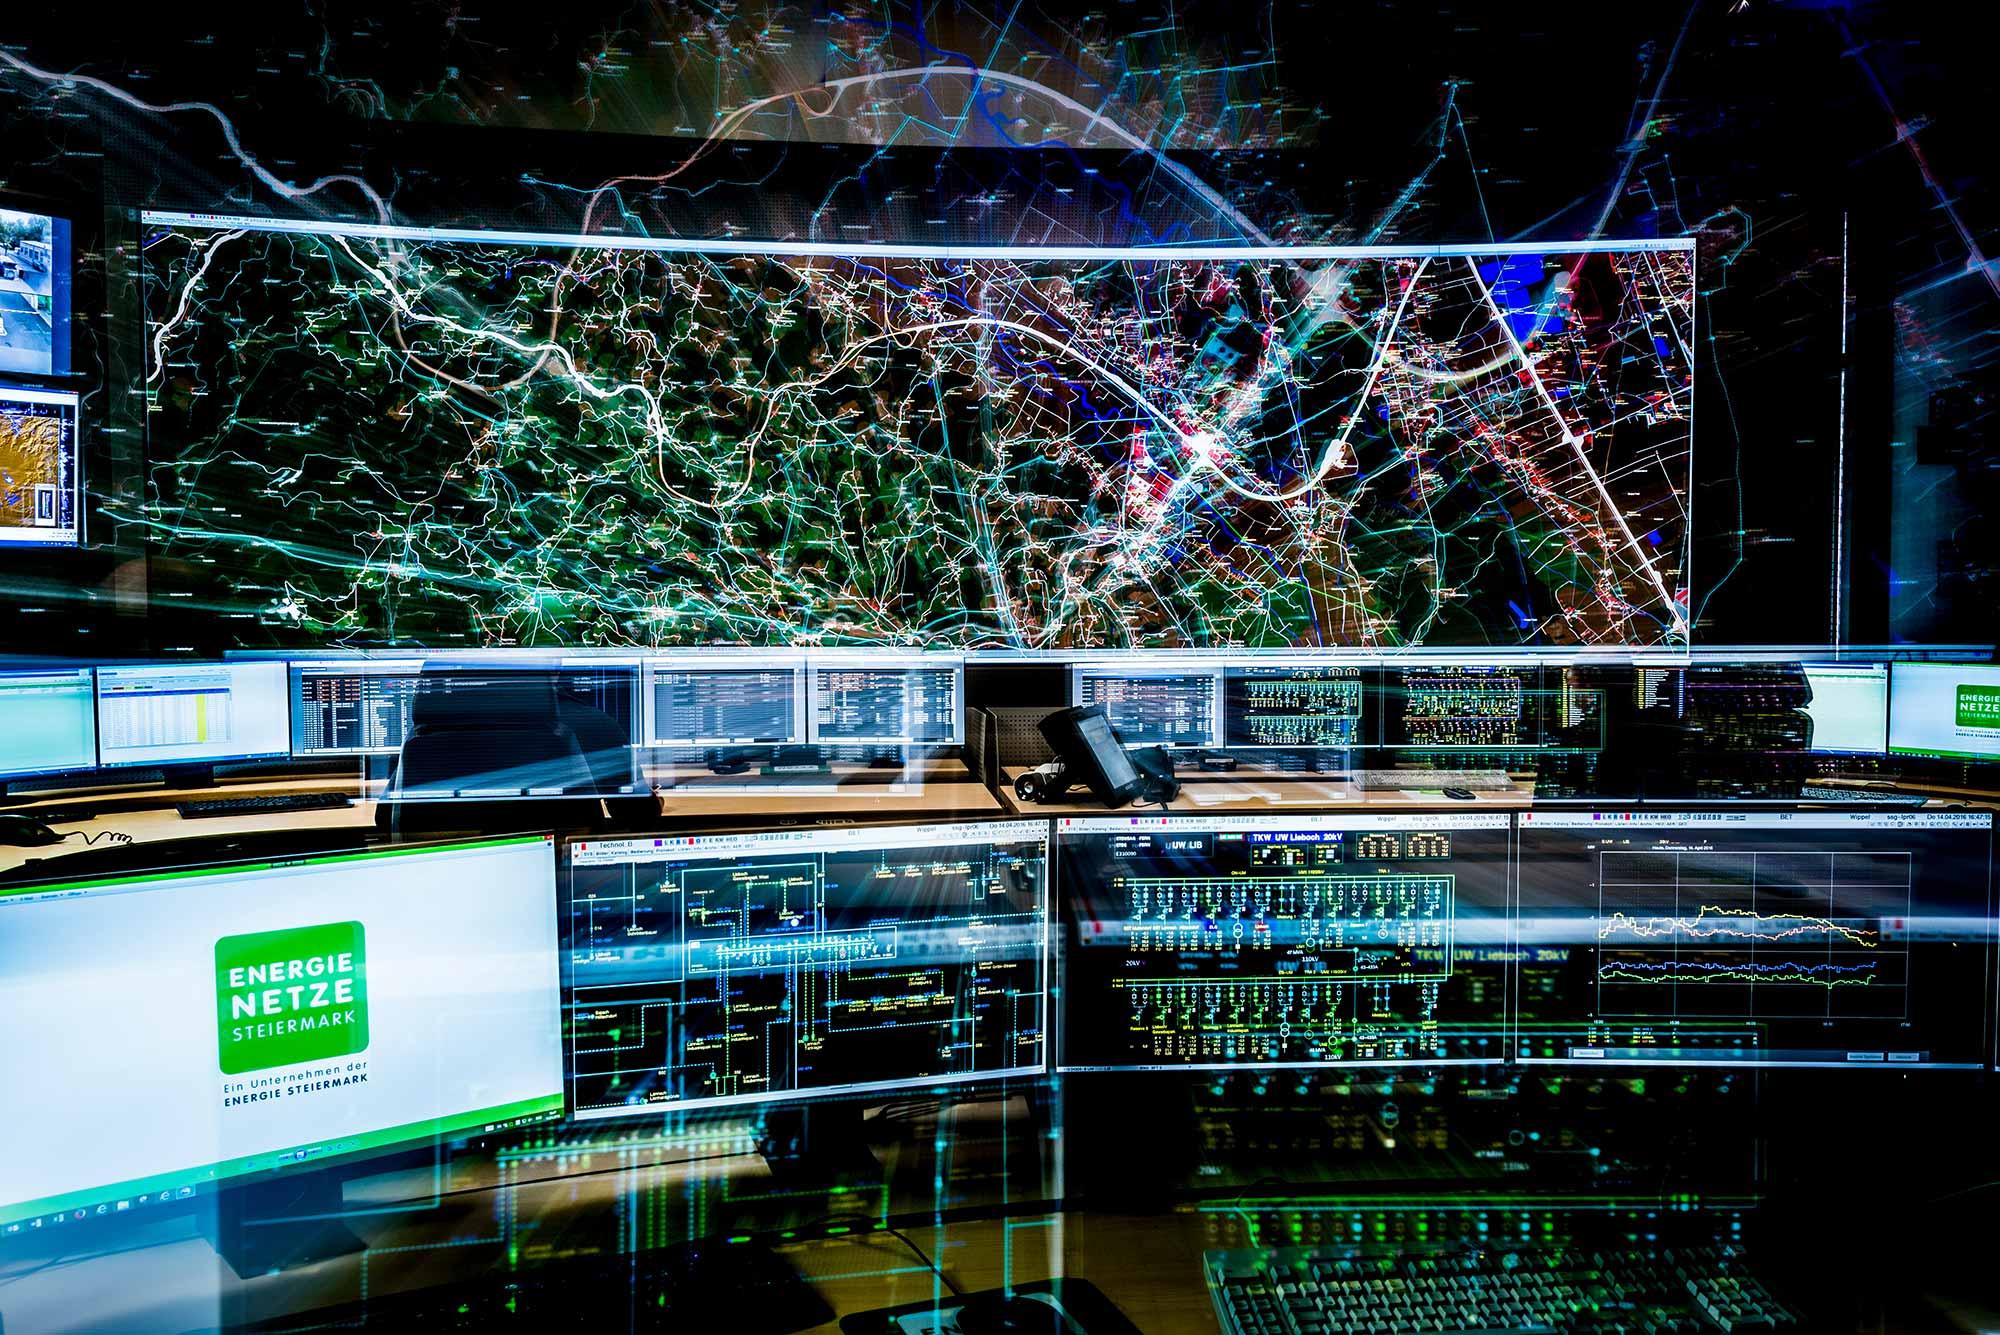 Überwachung des Stromnetzes in der Netzleitwarte, Foto: Energie Steiermark/Werner Krug